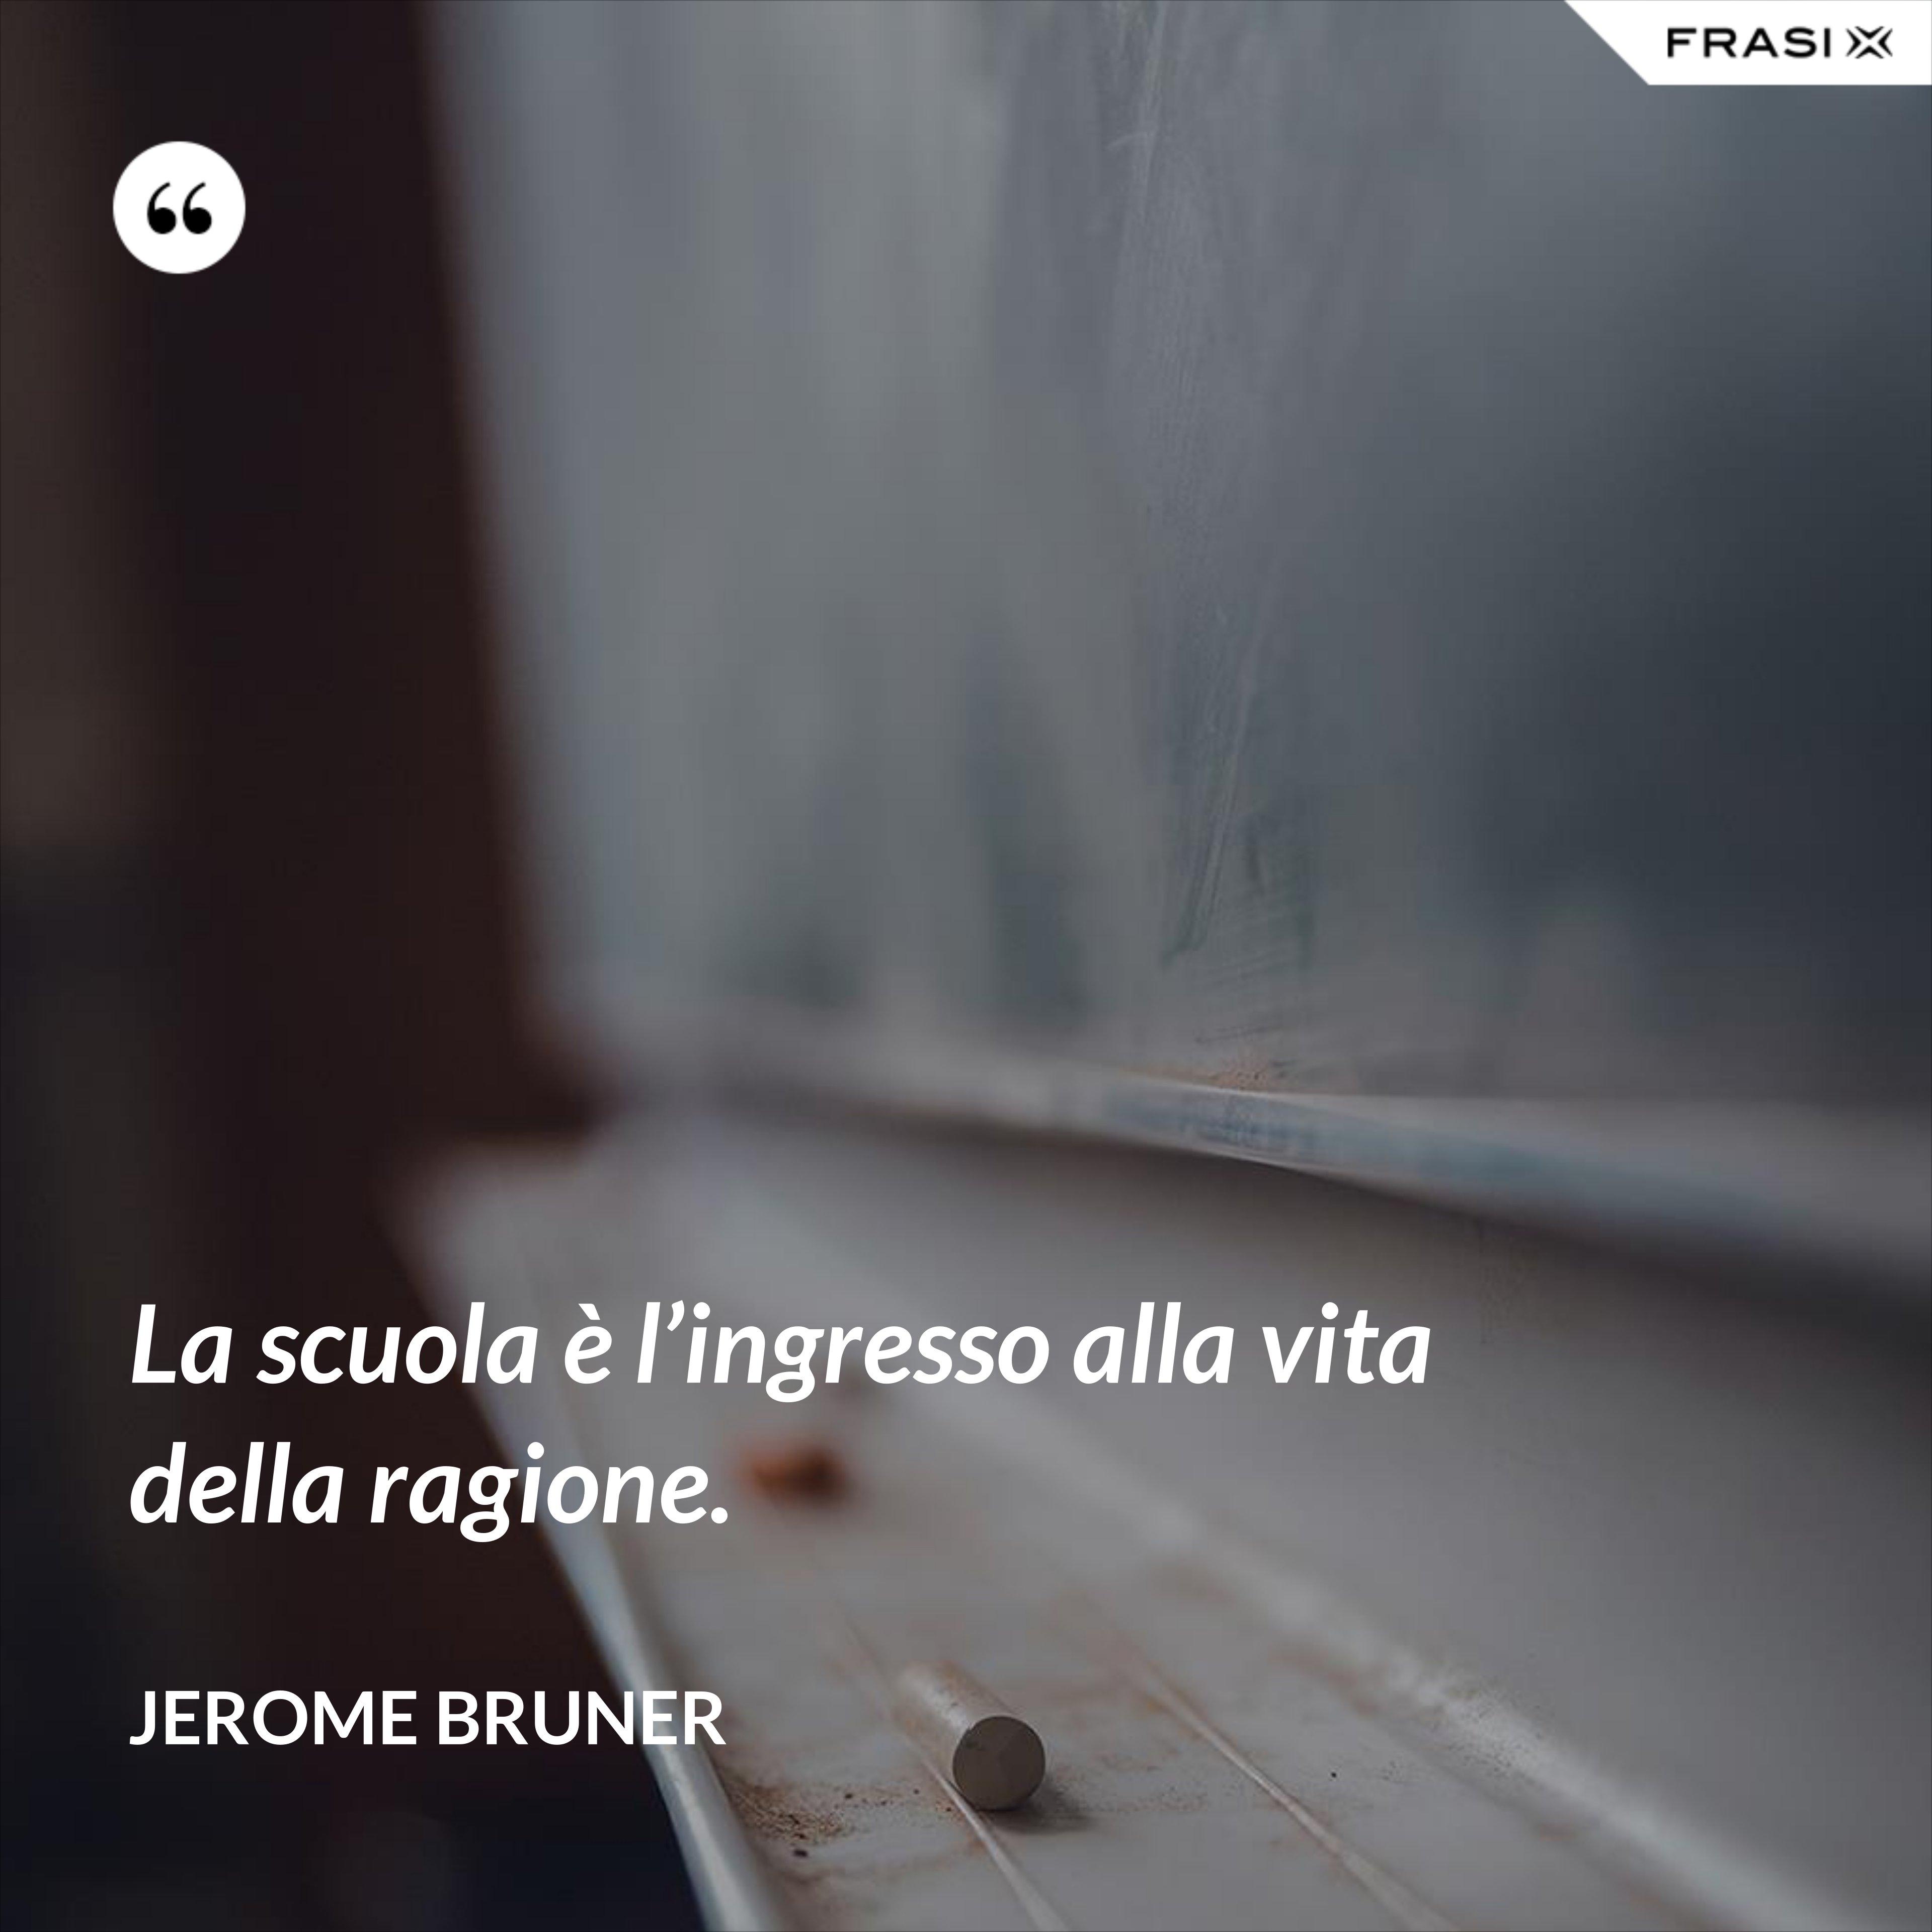 La scuola è l'ingresso alla vita della ragione. - Jerome Bruner